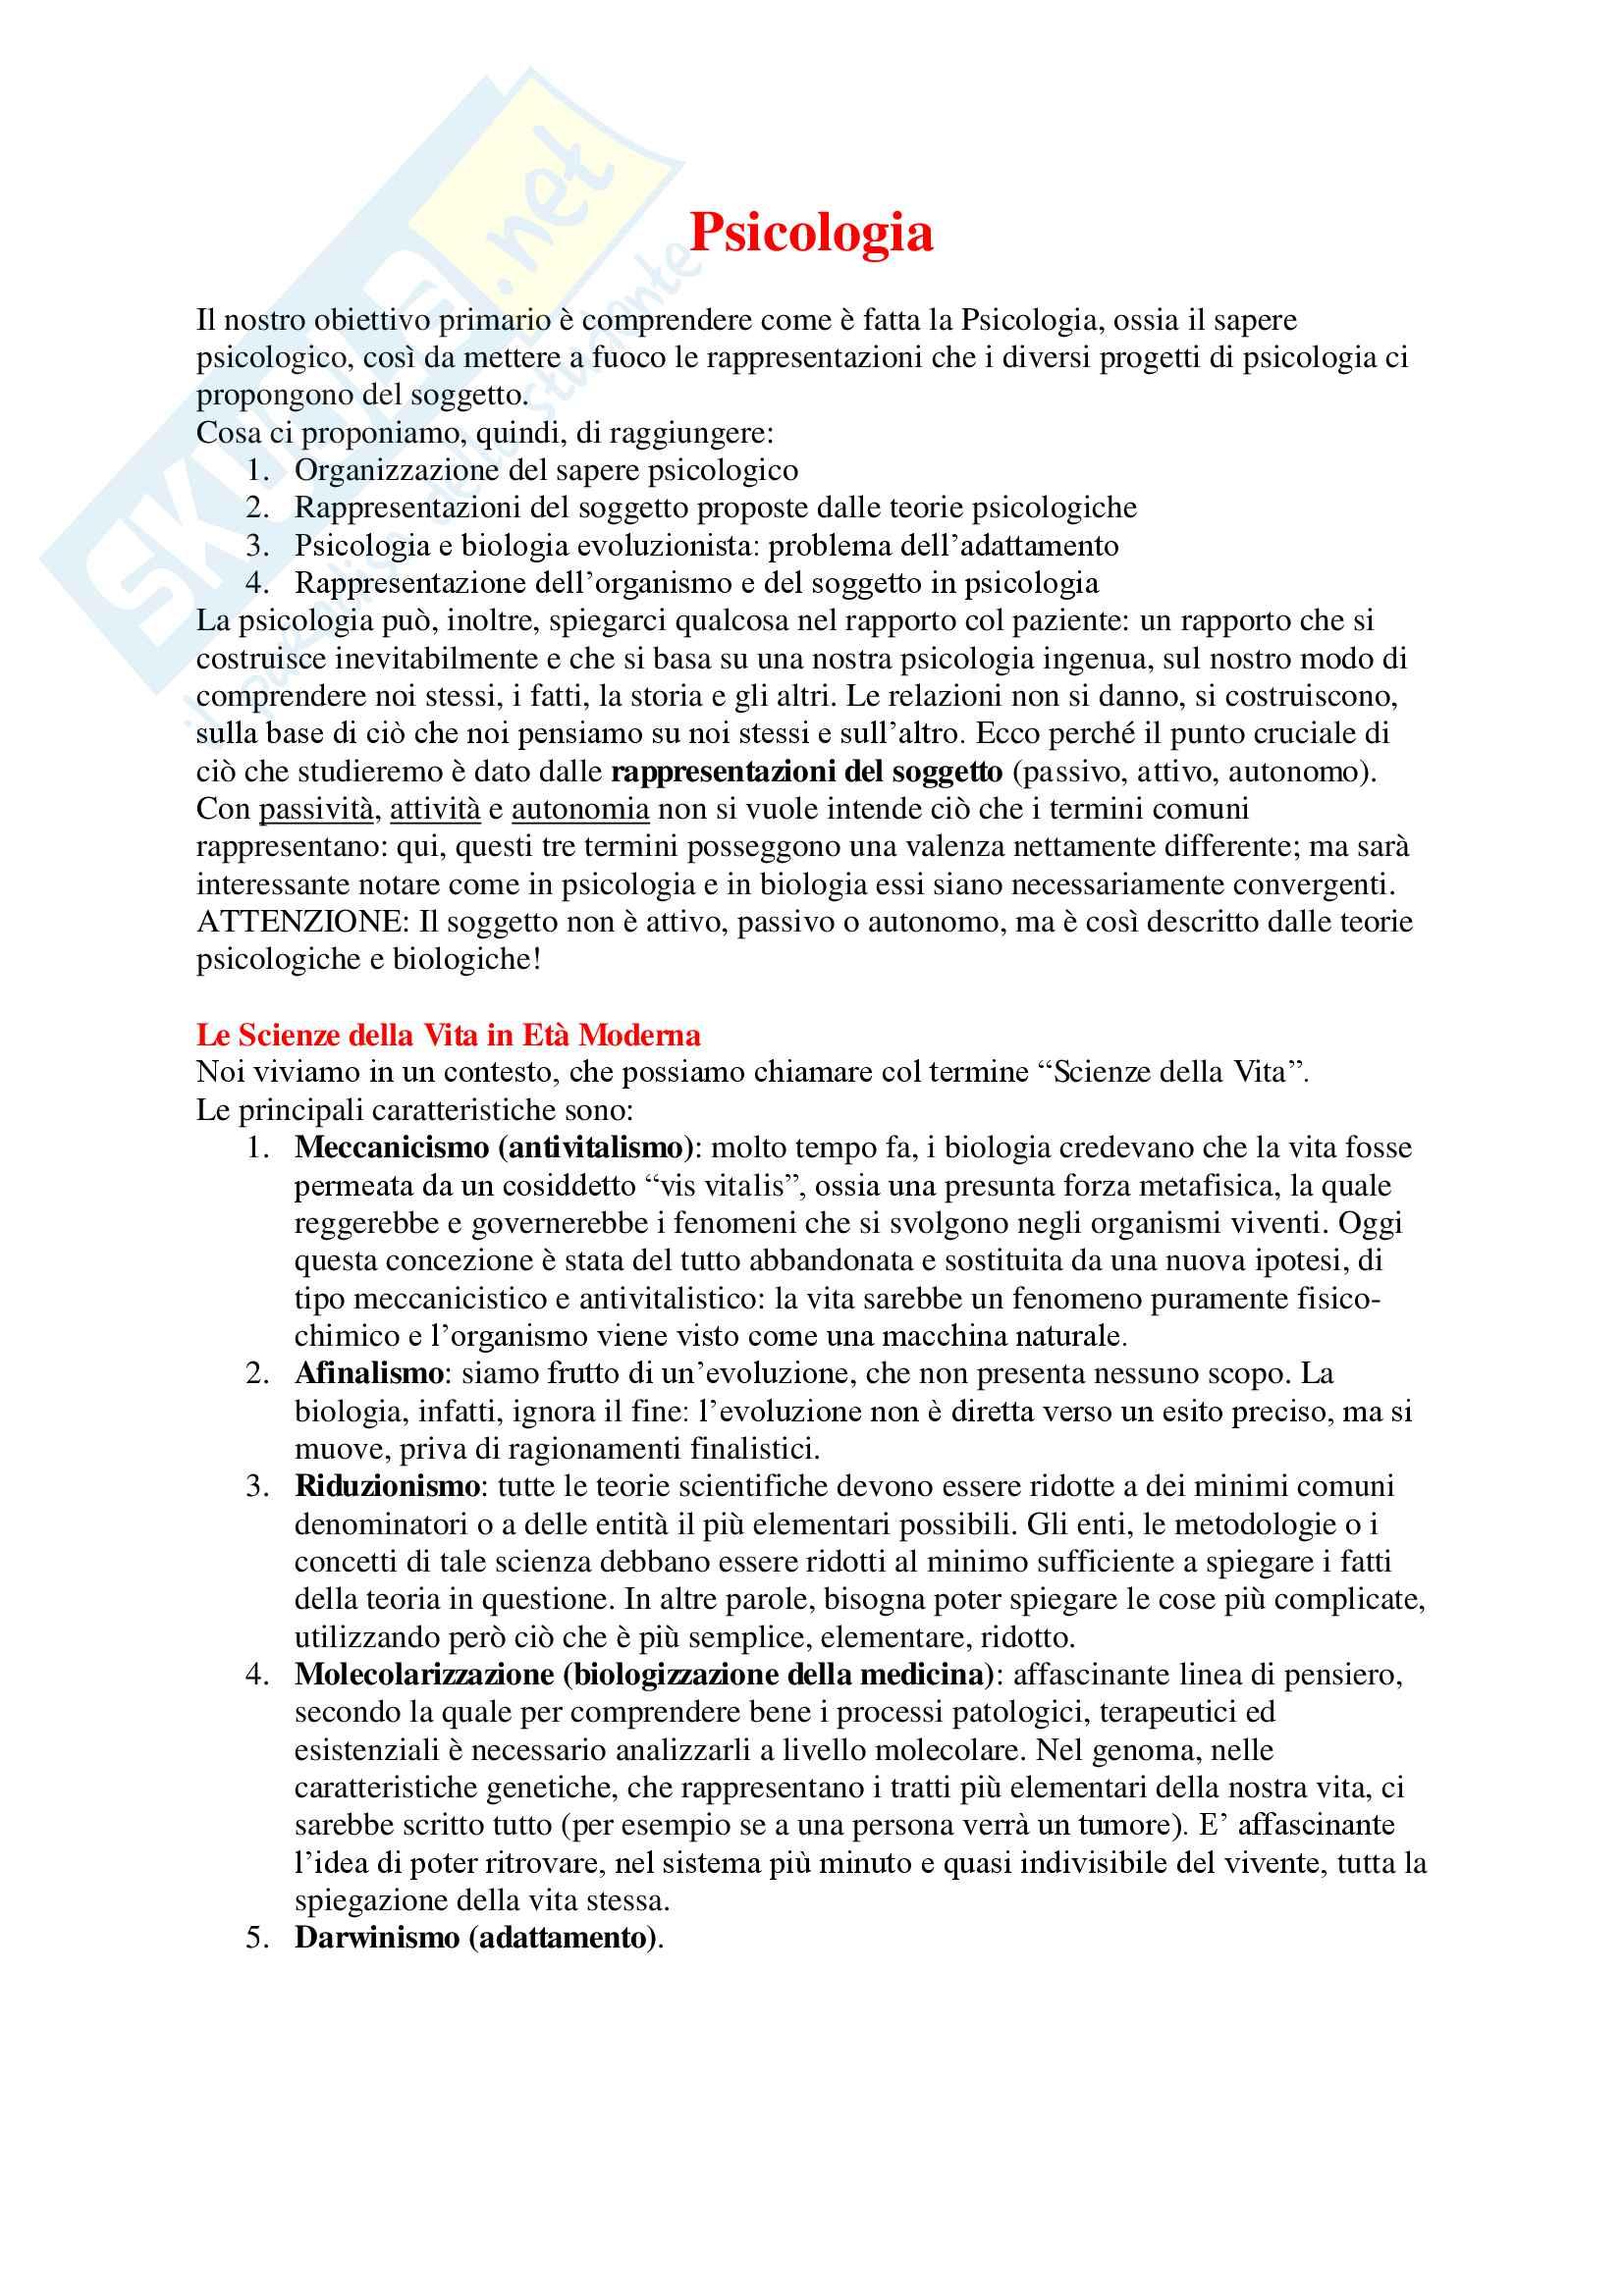 Psicologia - Appunti Completi